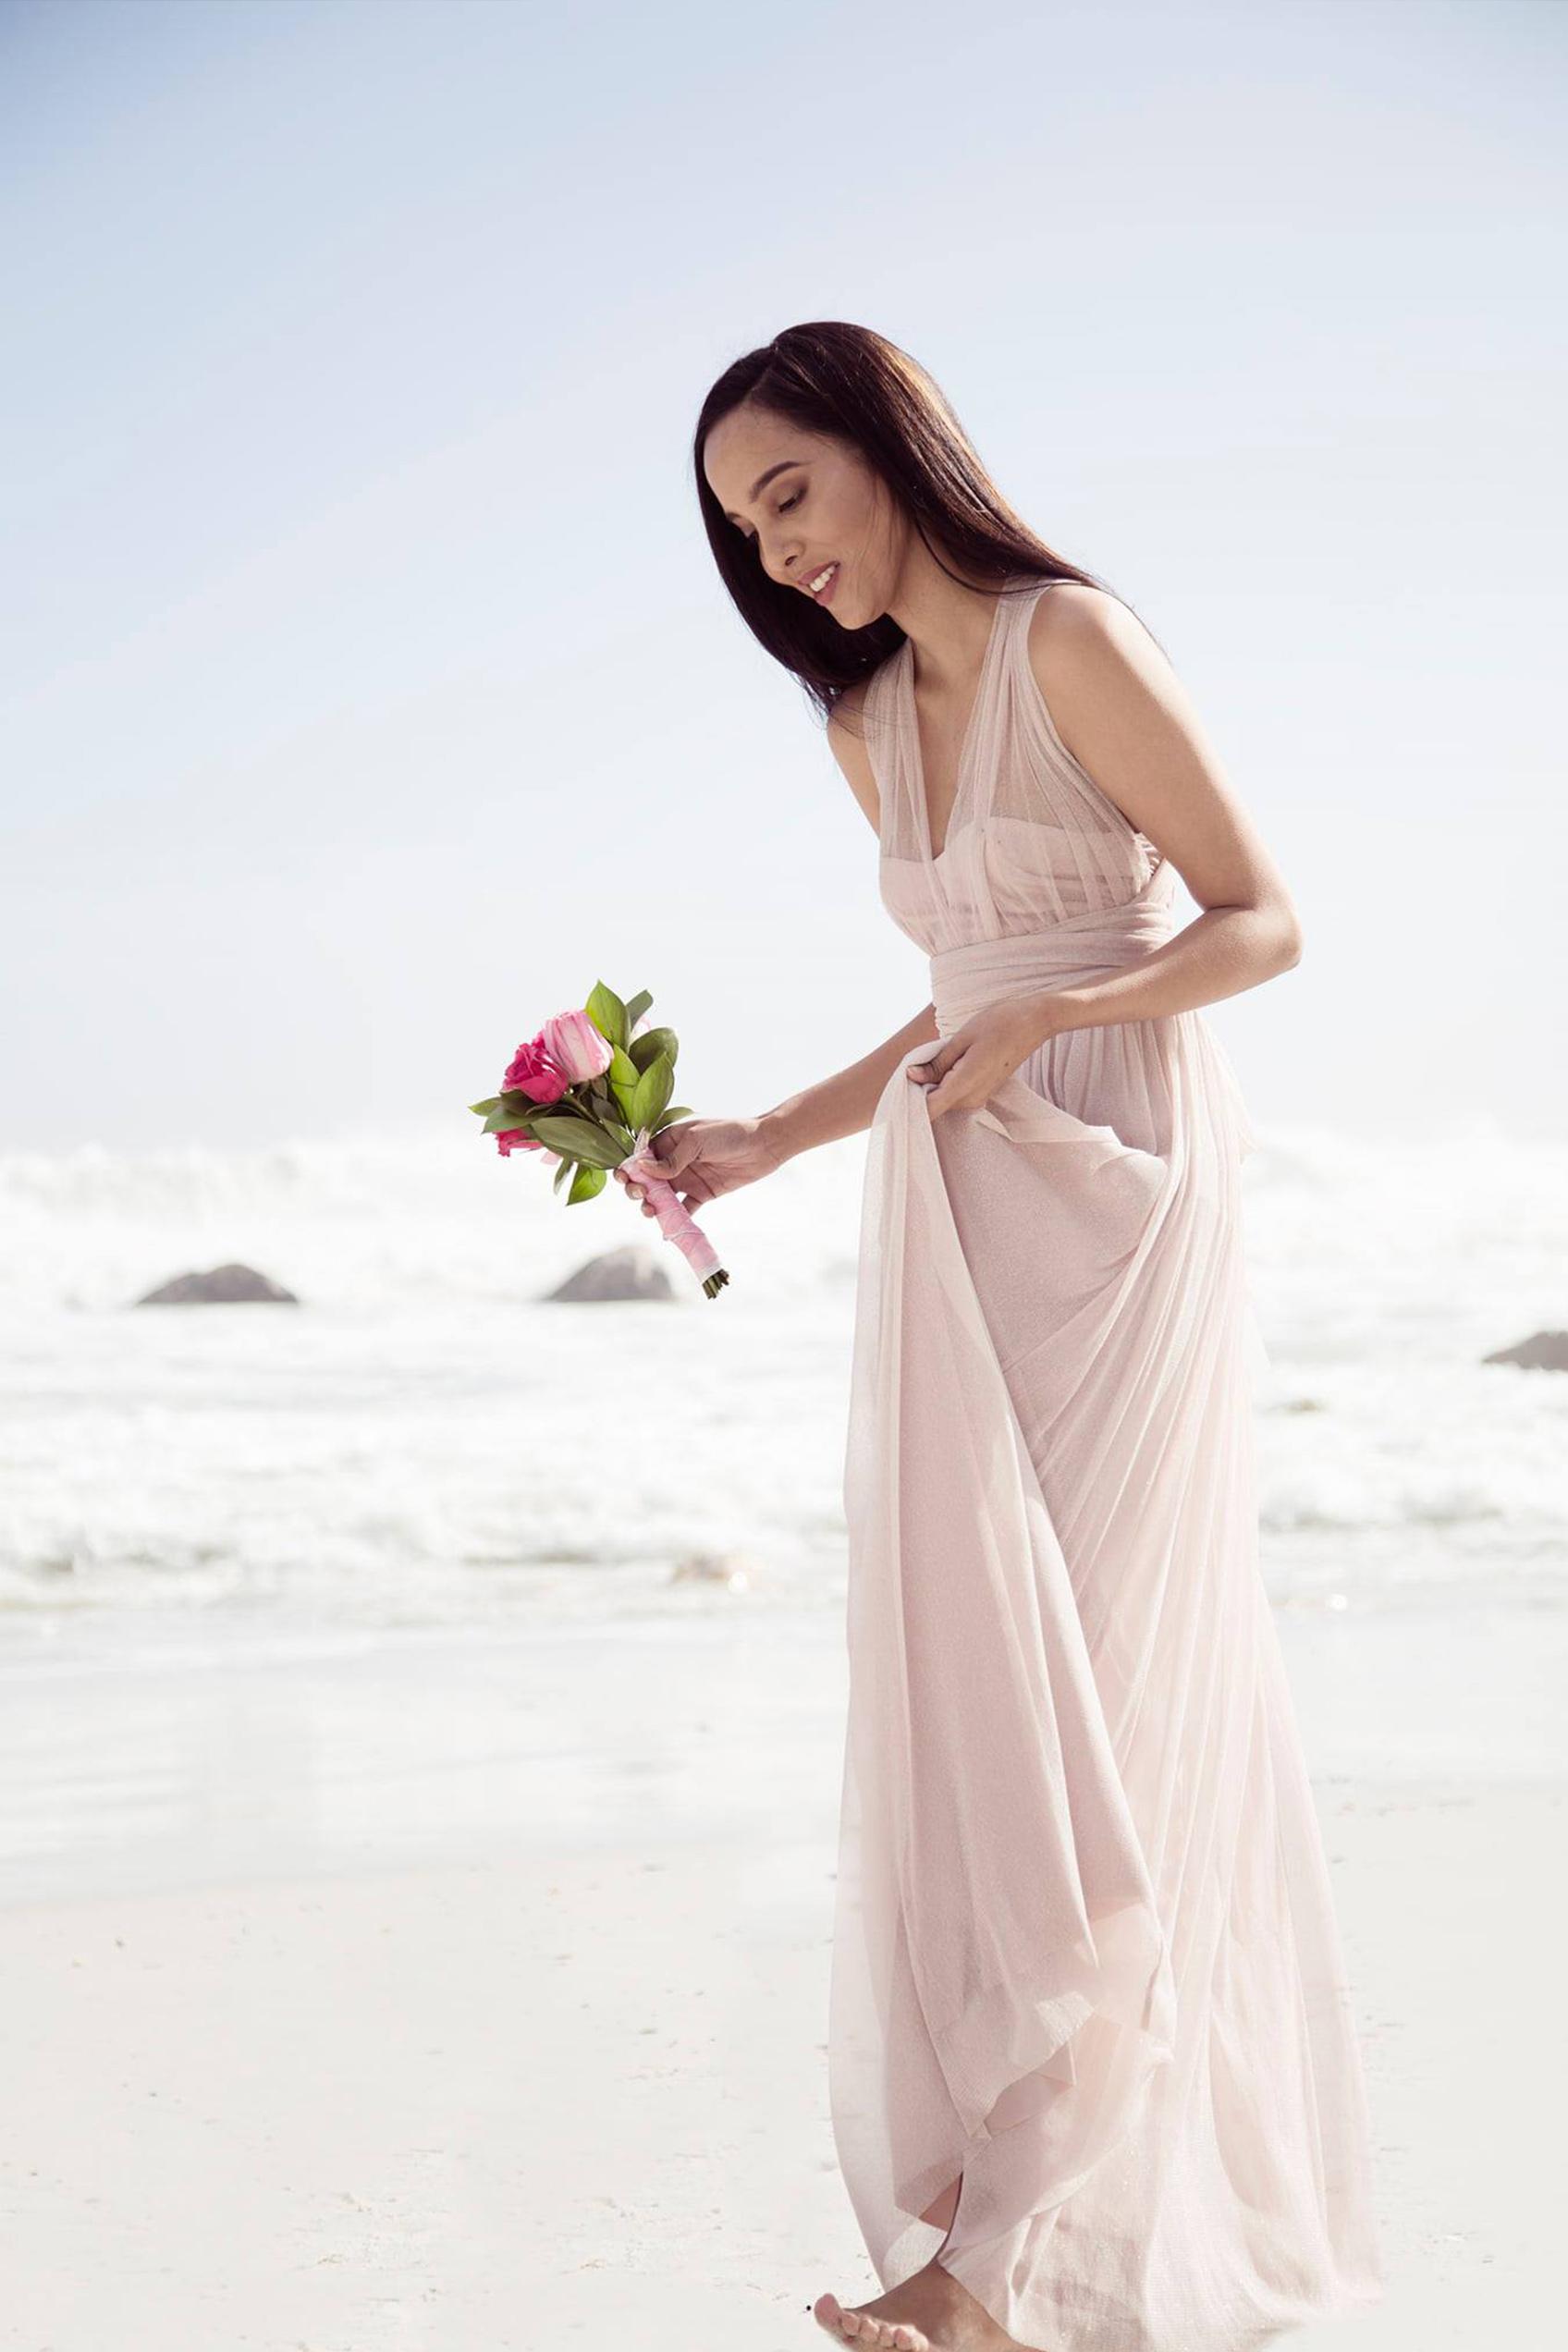 Infinity Dress Boutique - Bridesmaid Dresses Cape Town